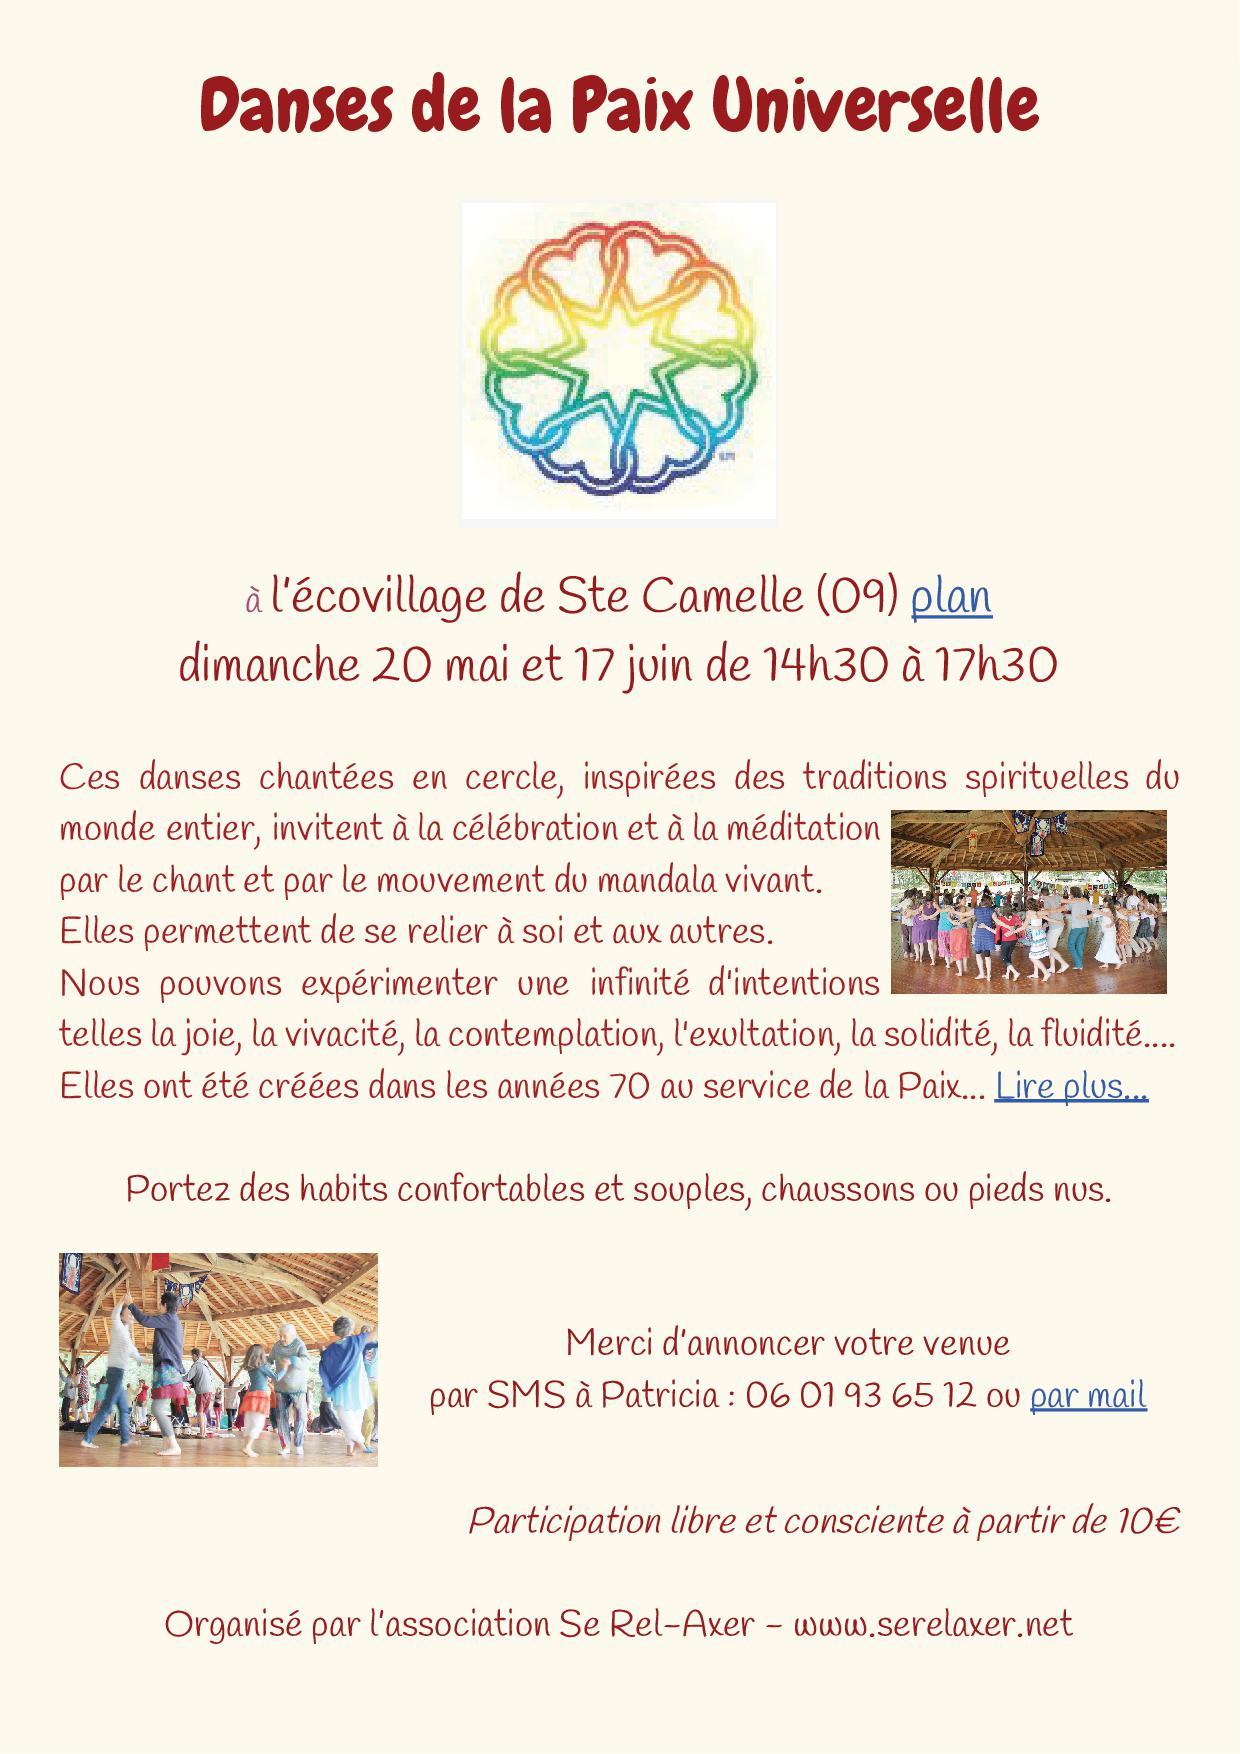 Danses de la Paix Universelle à Ste Camelle